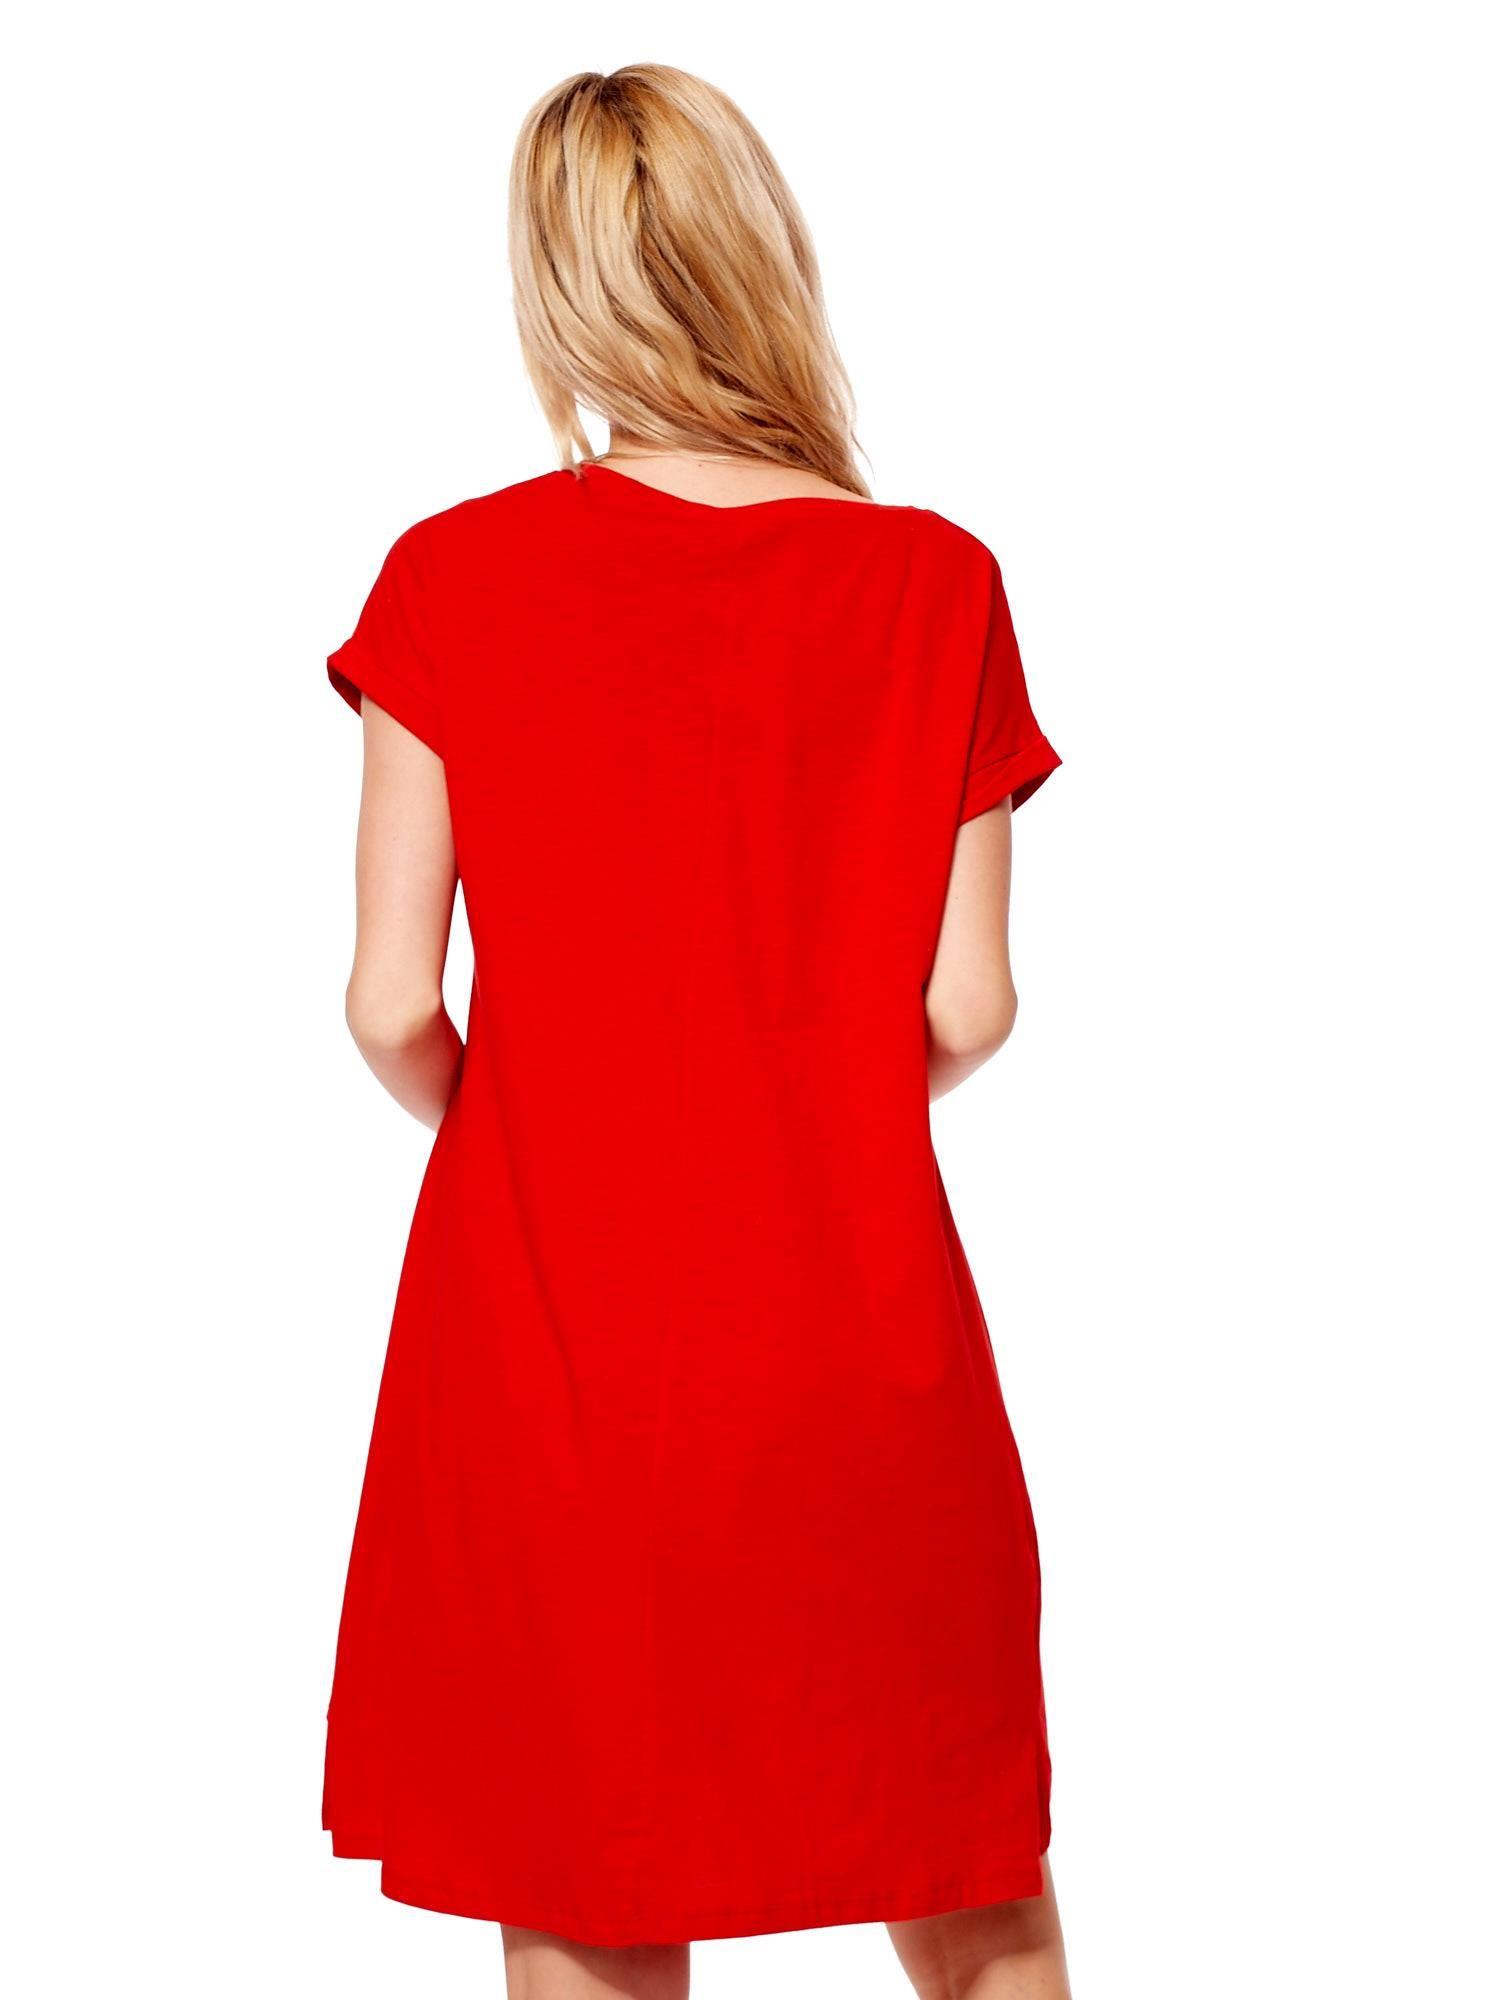 63f891f658 Czerwona sukienka z podwijanymi rękawami - Sukienka oversize - sklep ...